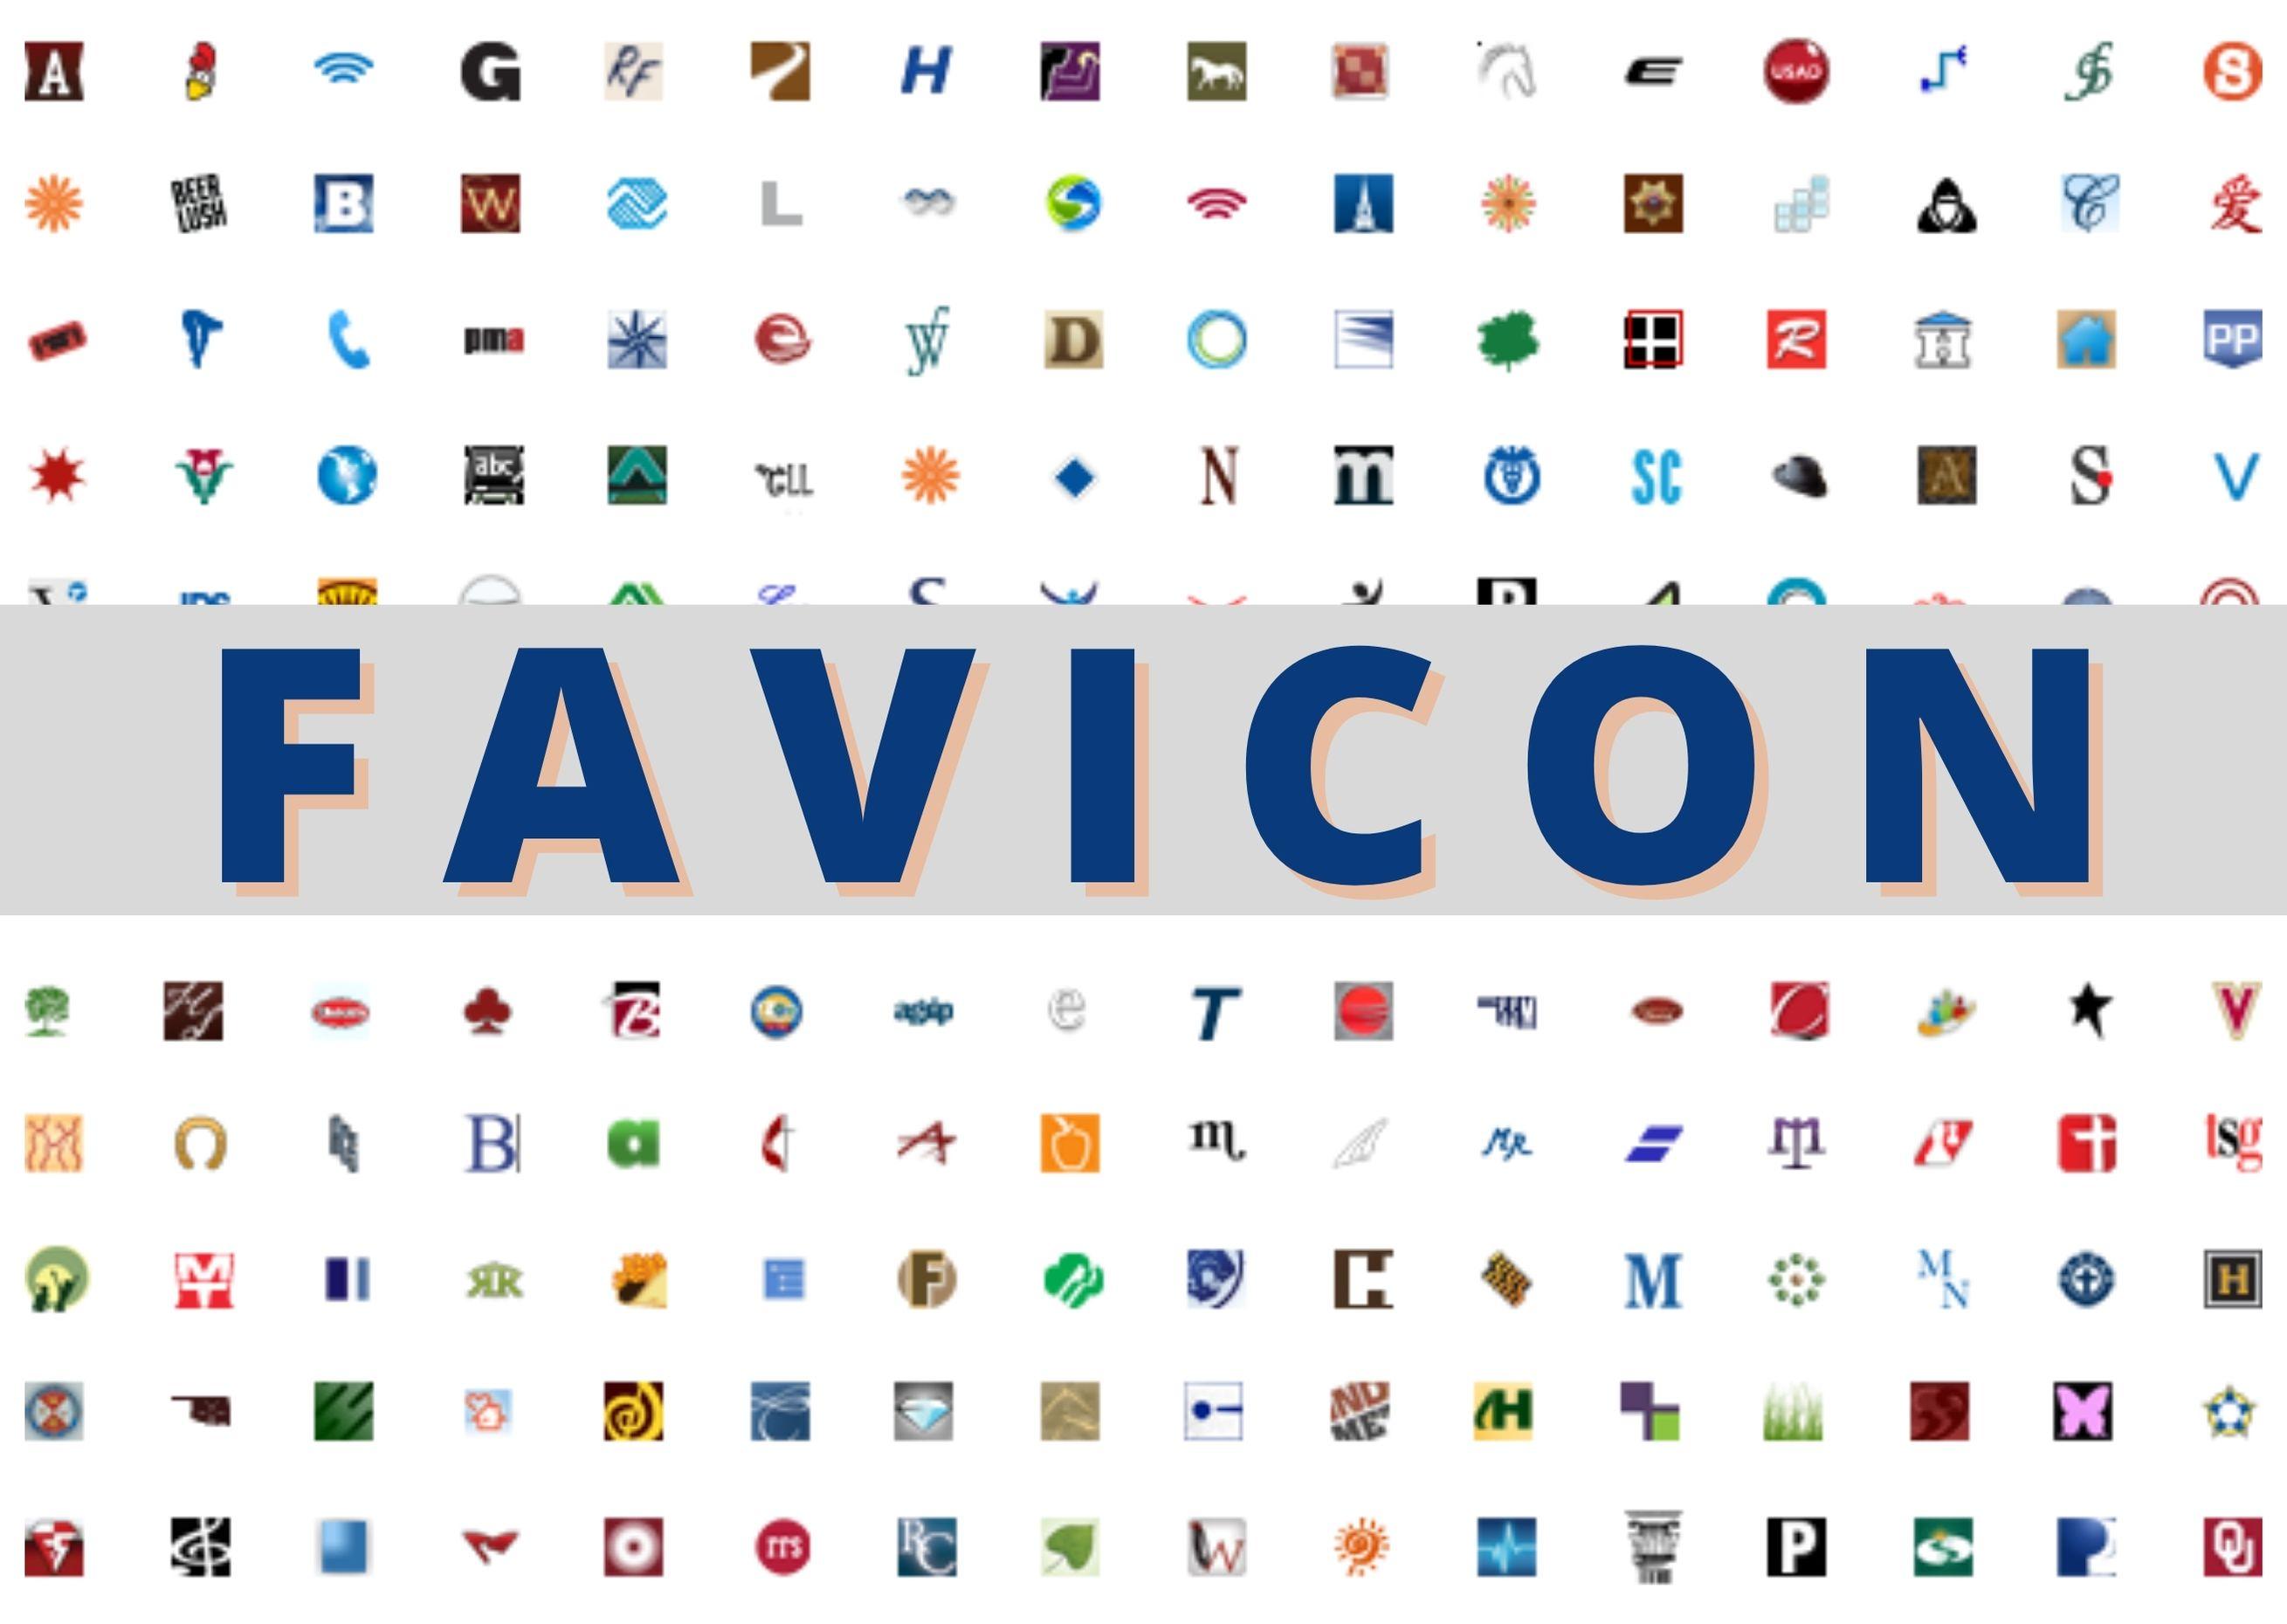 I will design favicon for you in 24h